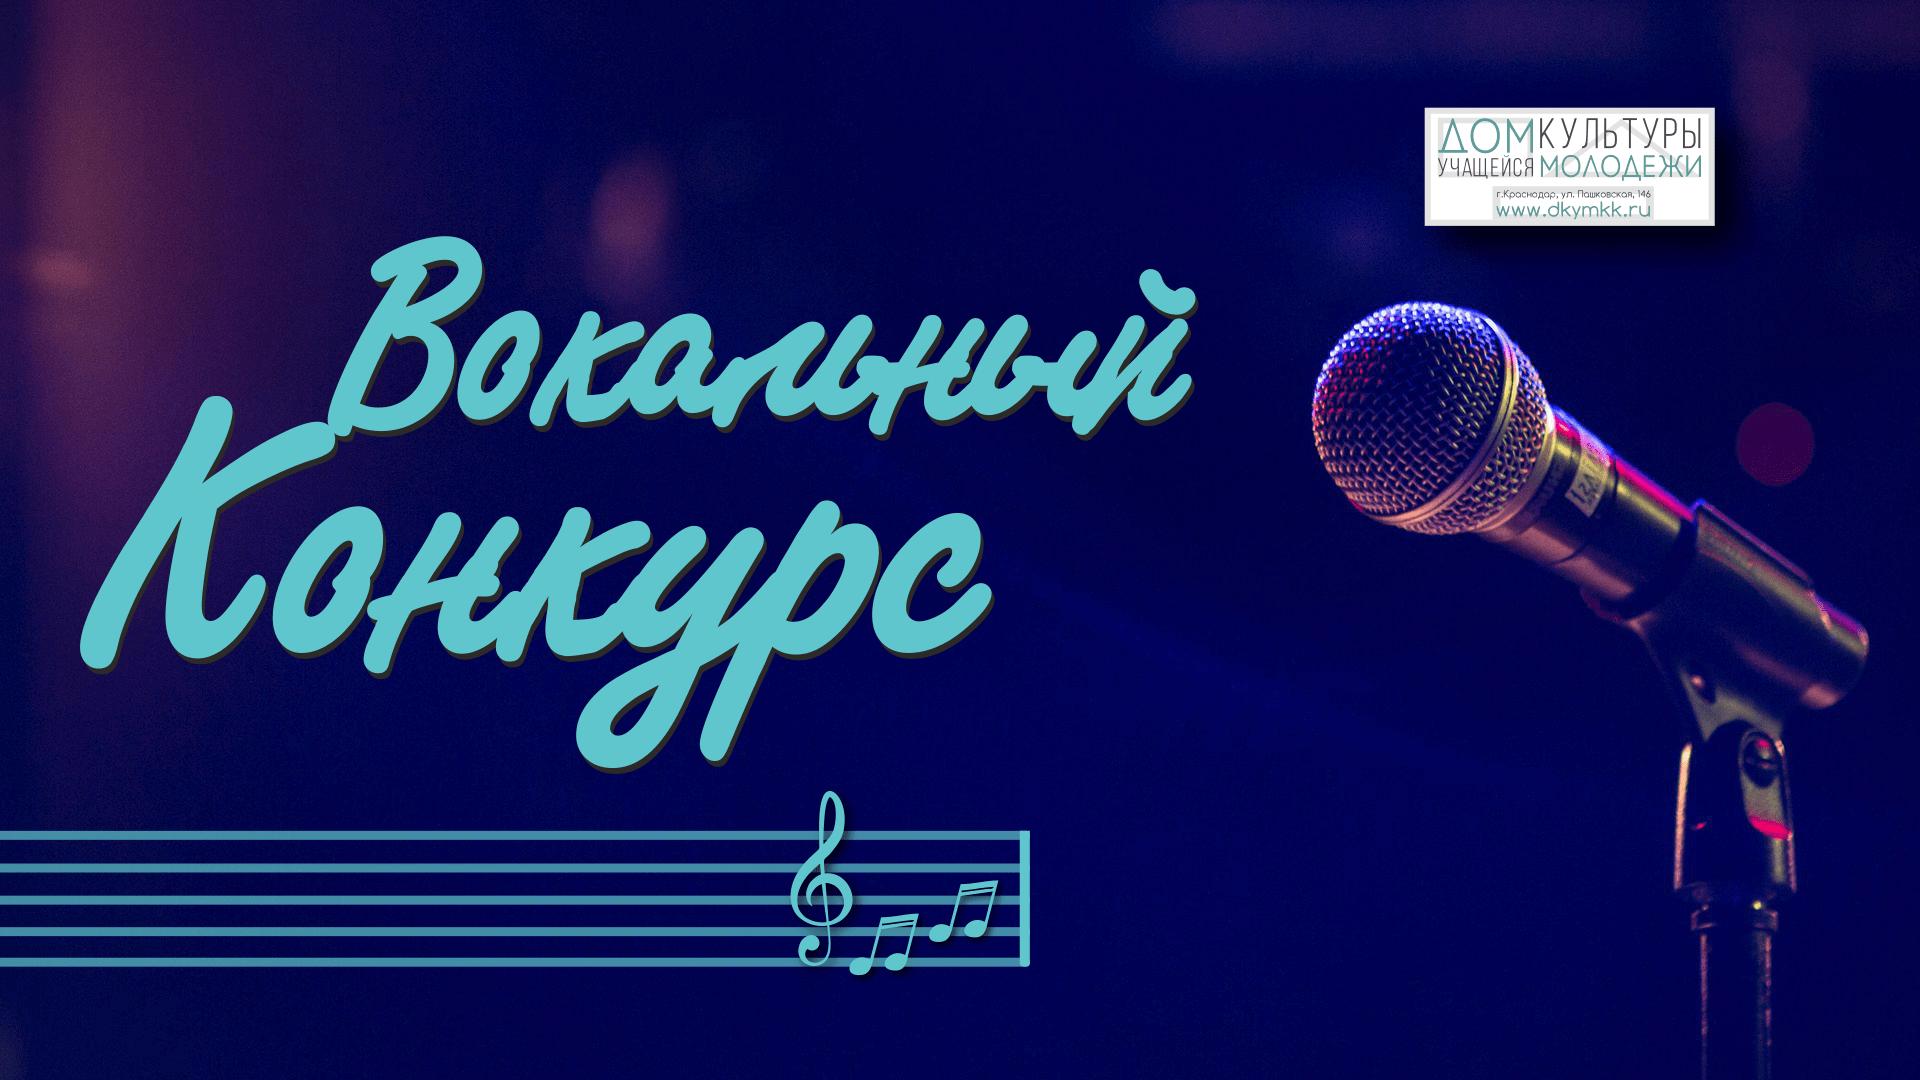 Заставка вокал